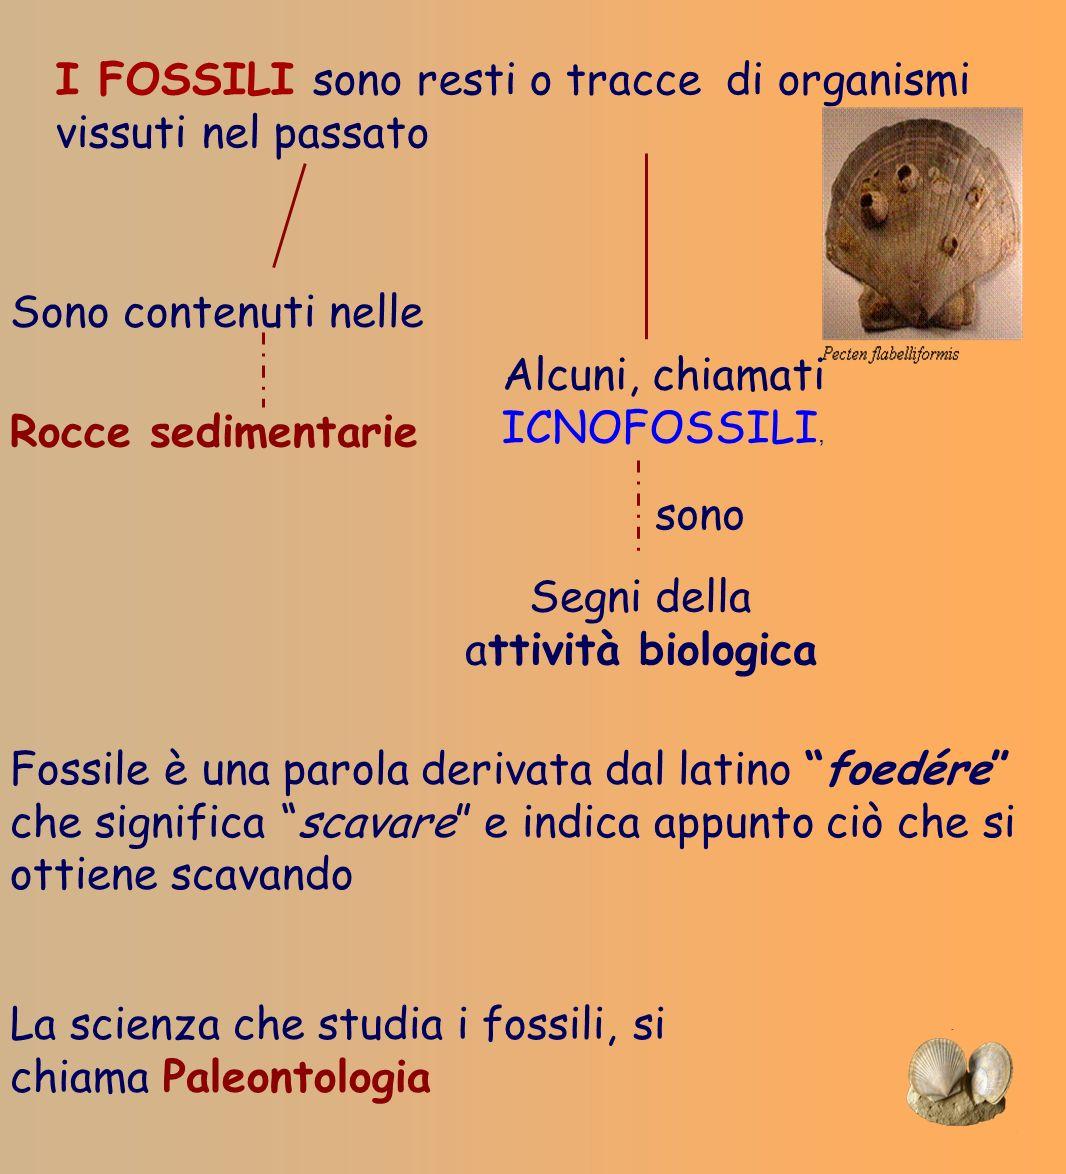 I FOSSILI sono resti o tracce di organismi vissuti nel passato